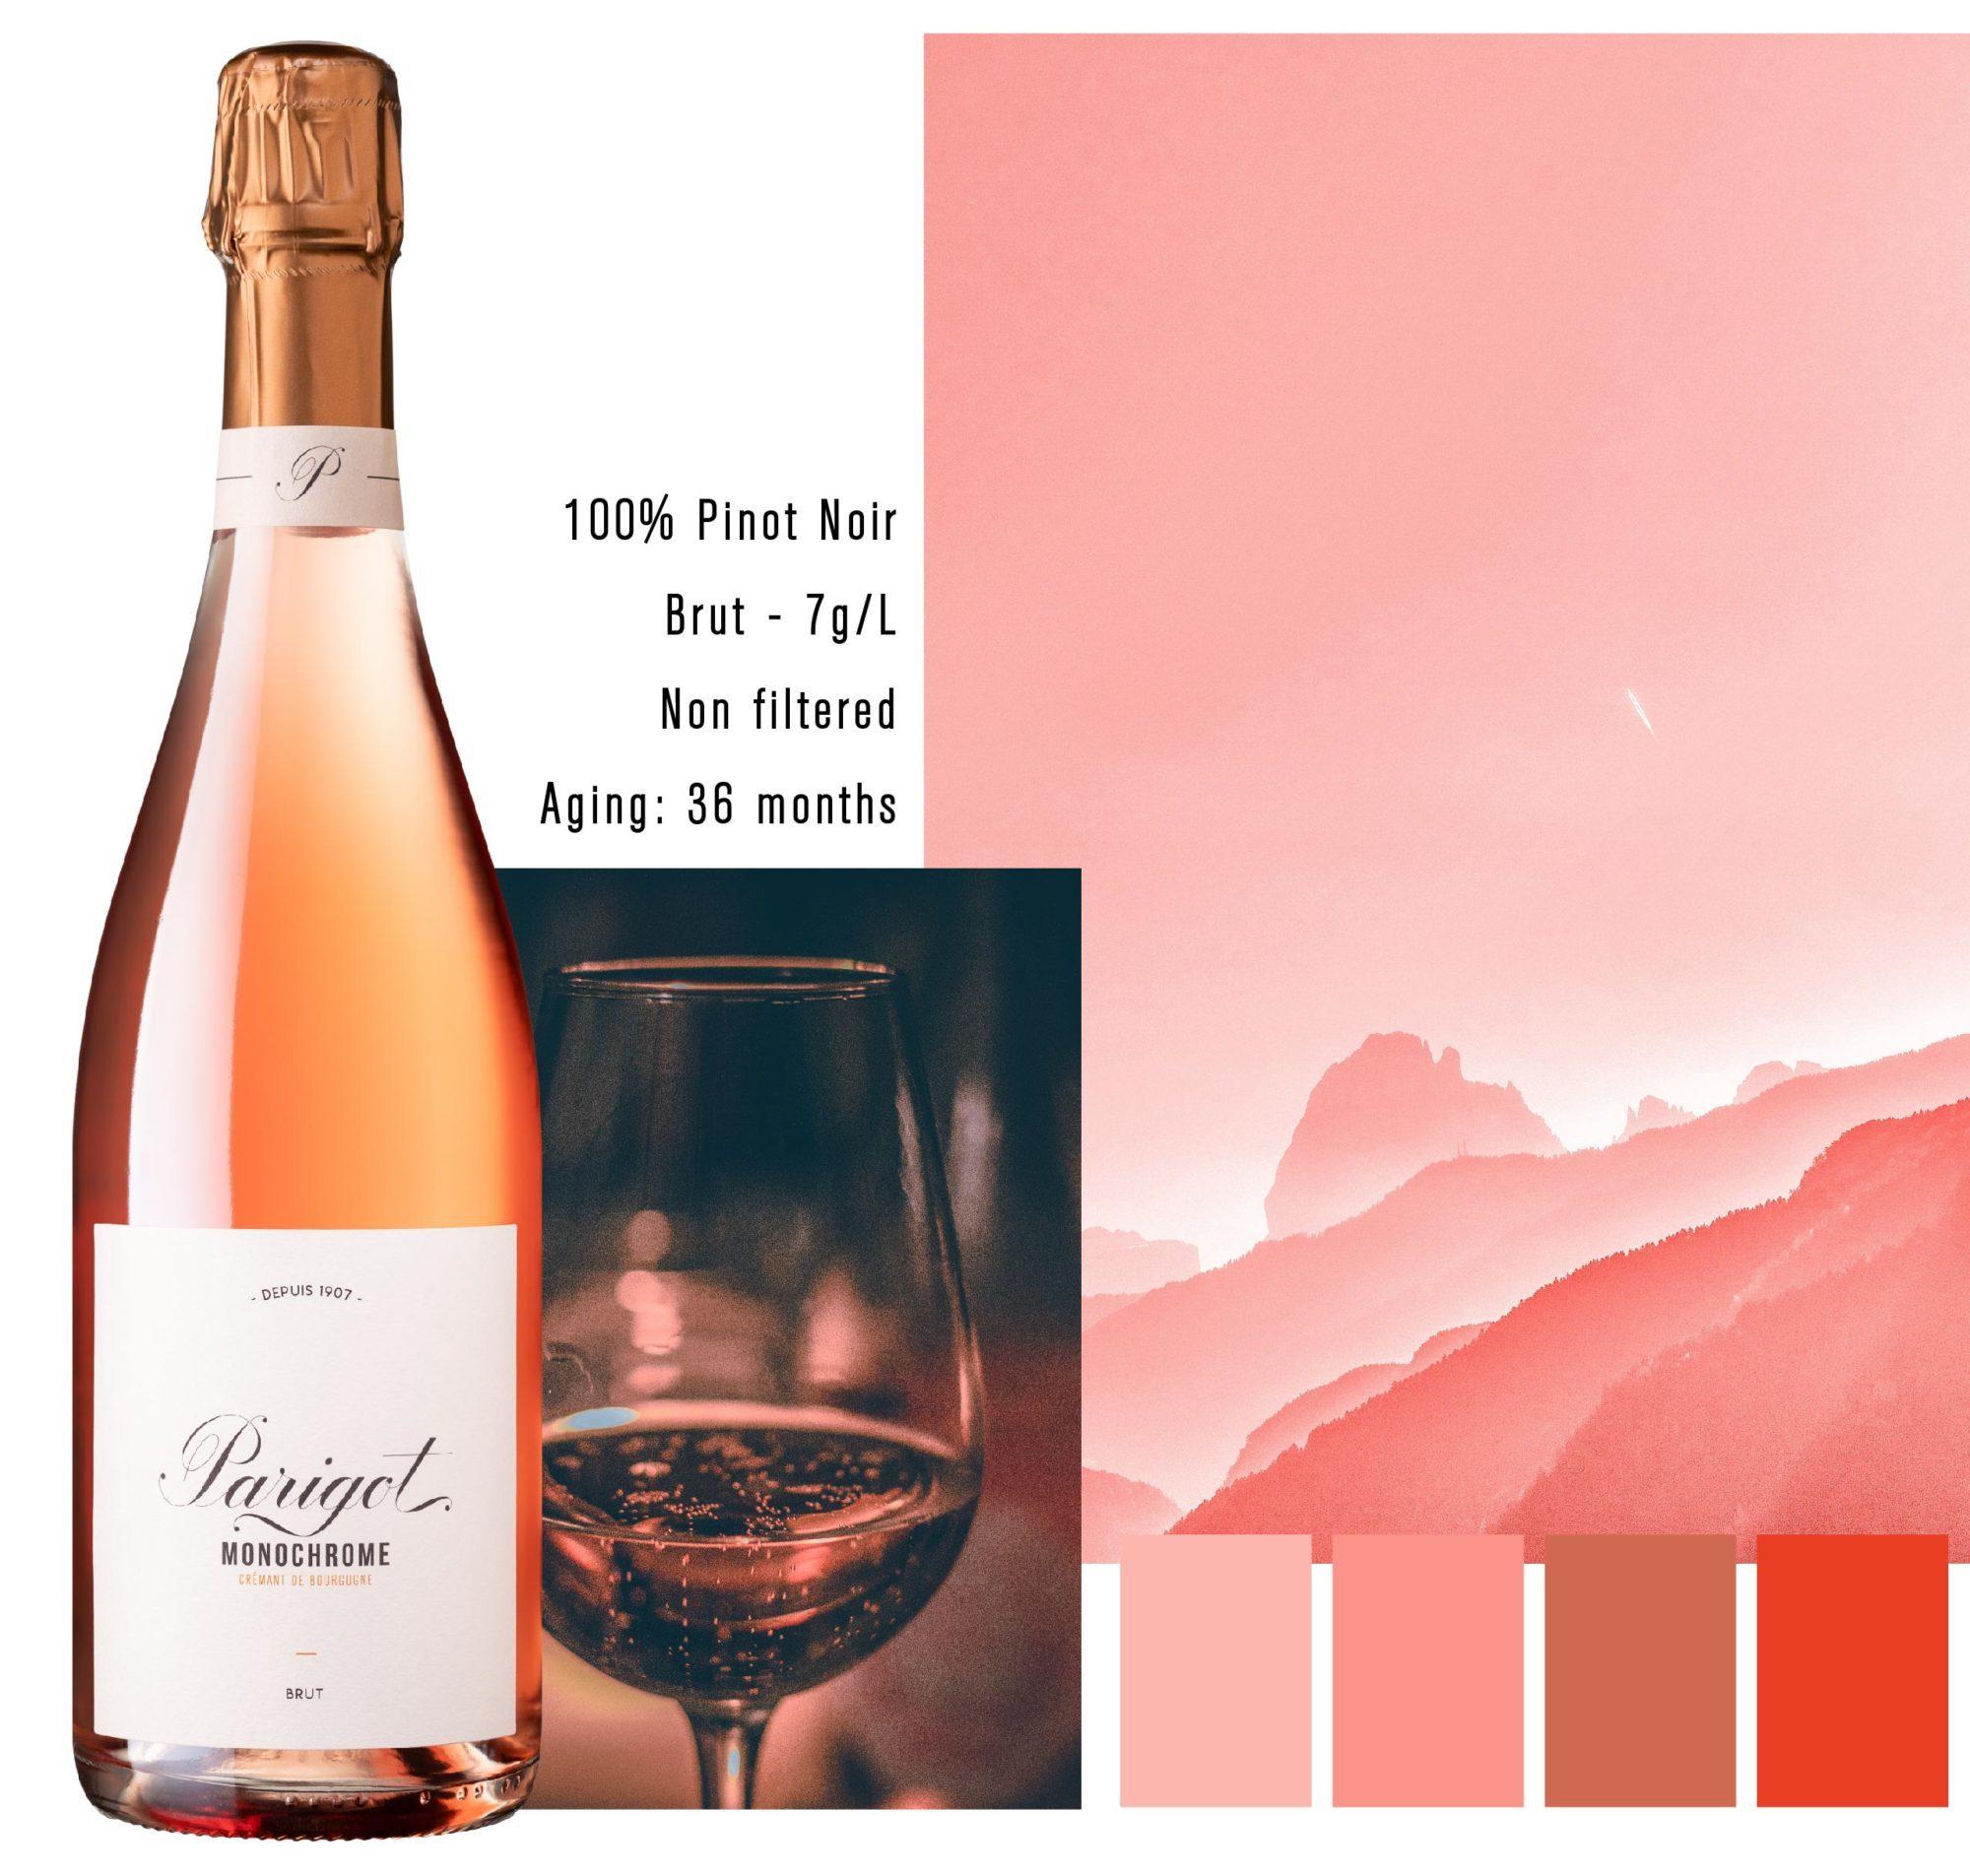 Parigot Monochrome rosé Pinot Noir